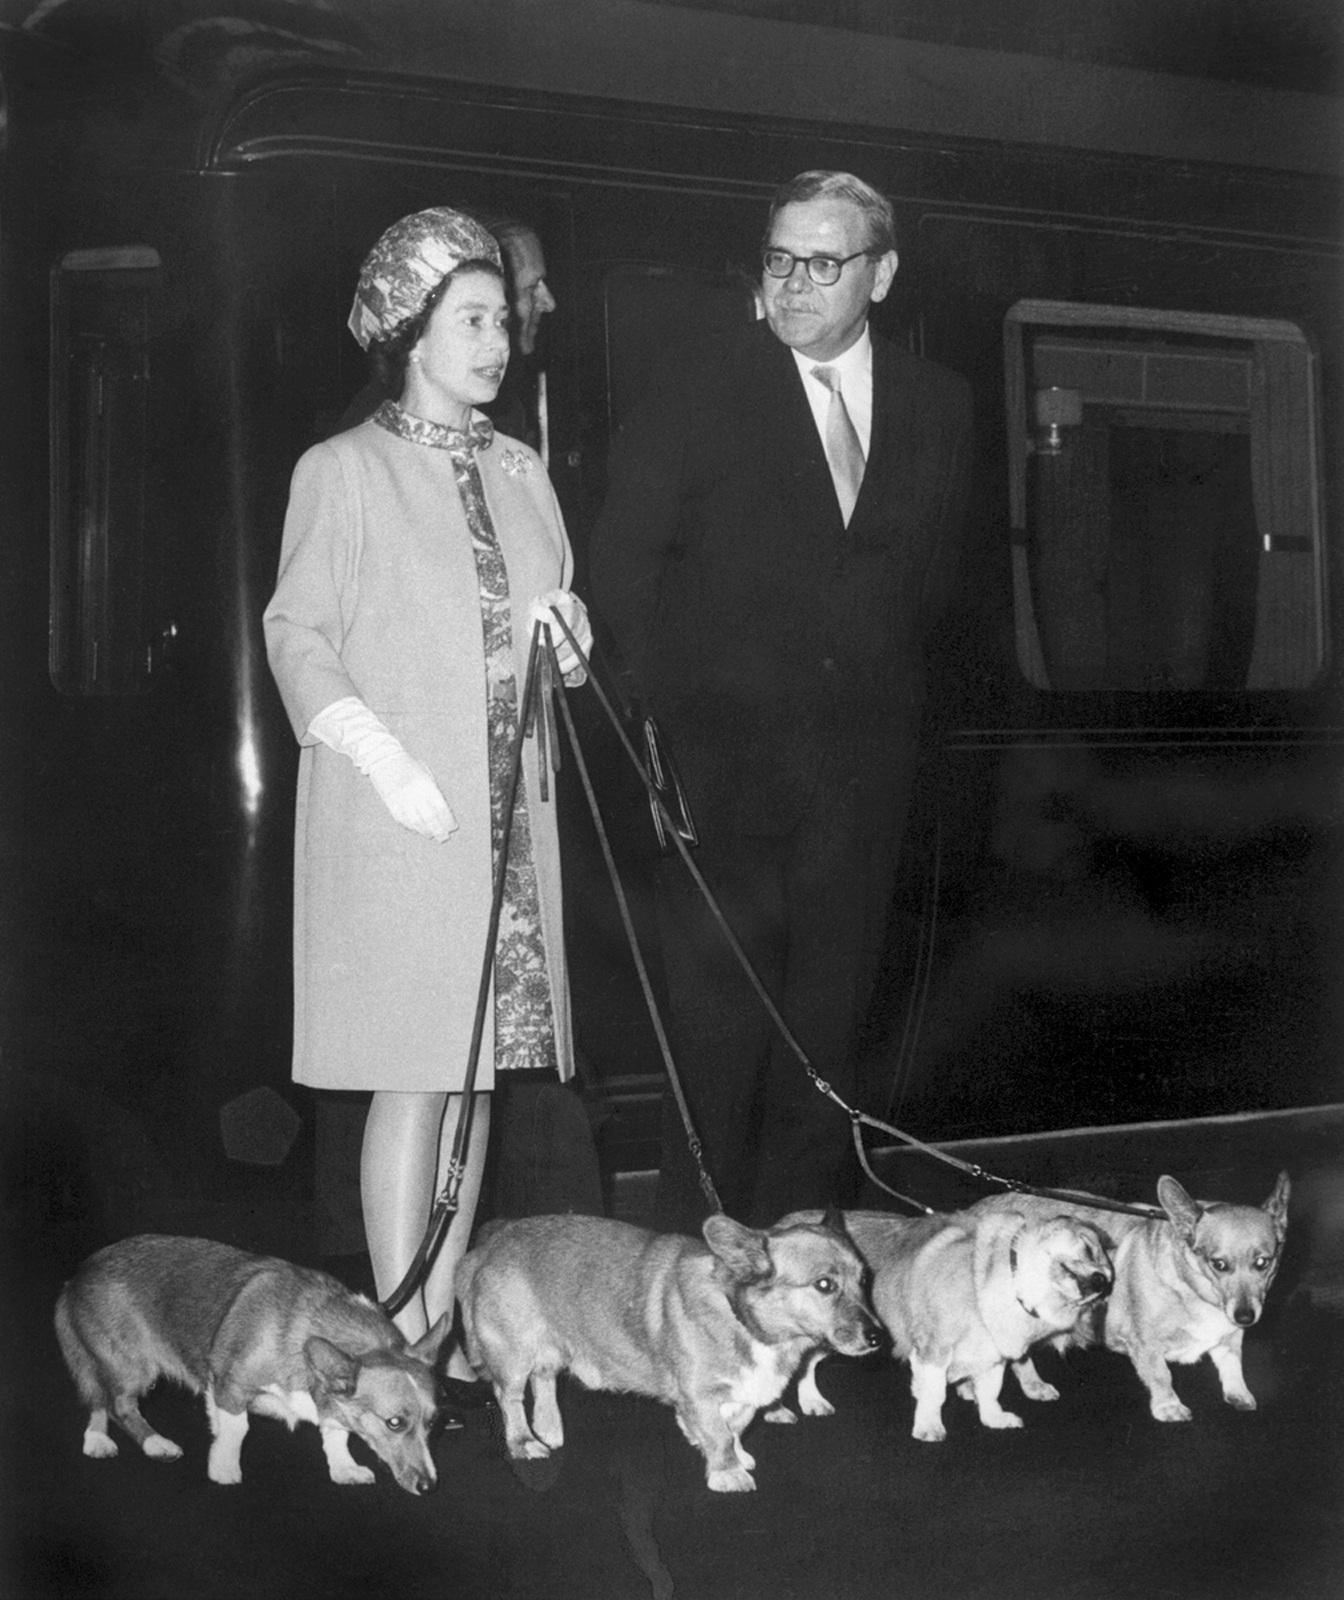 93d4b10c9cf55 AFP Queen Elizabeth II. steigt mit ihren vier Hunden aus dem Zug in London  (15. Oktober 1969).